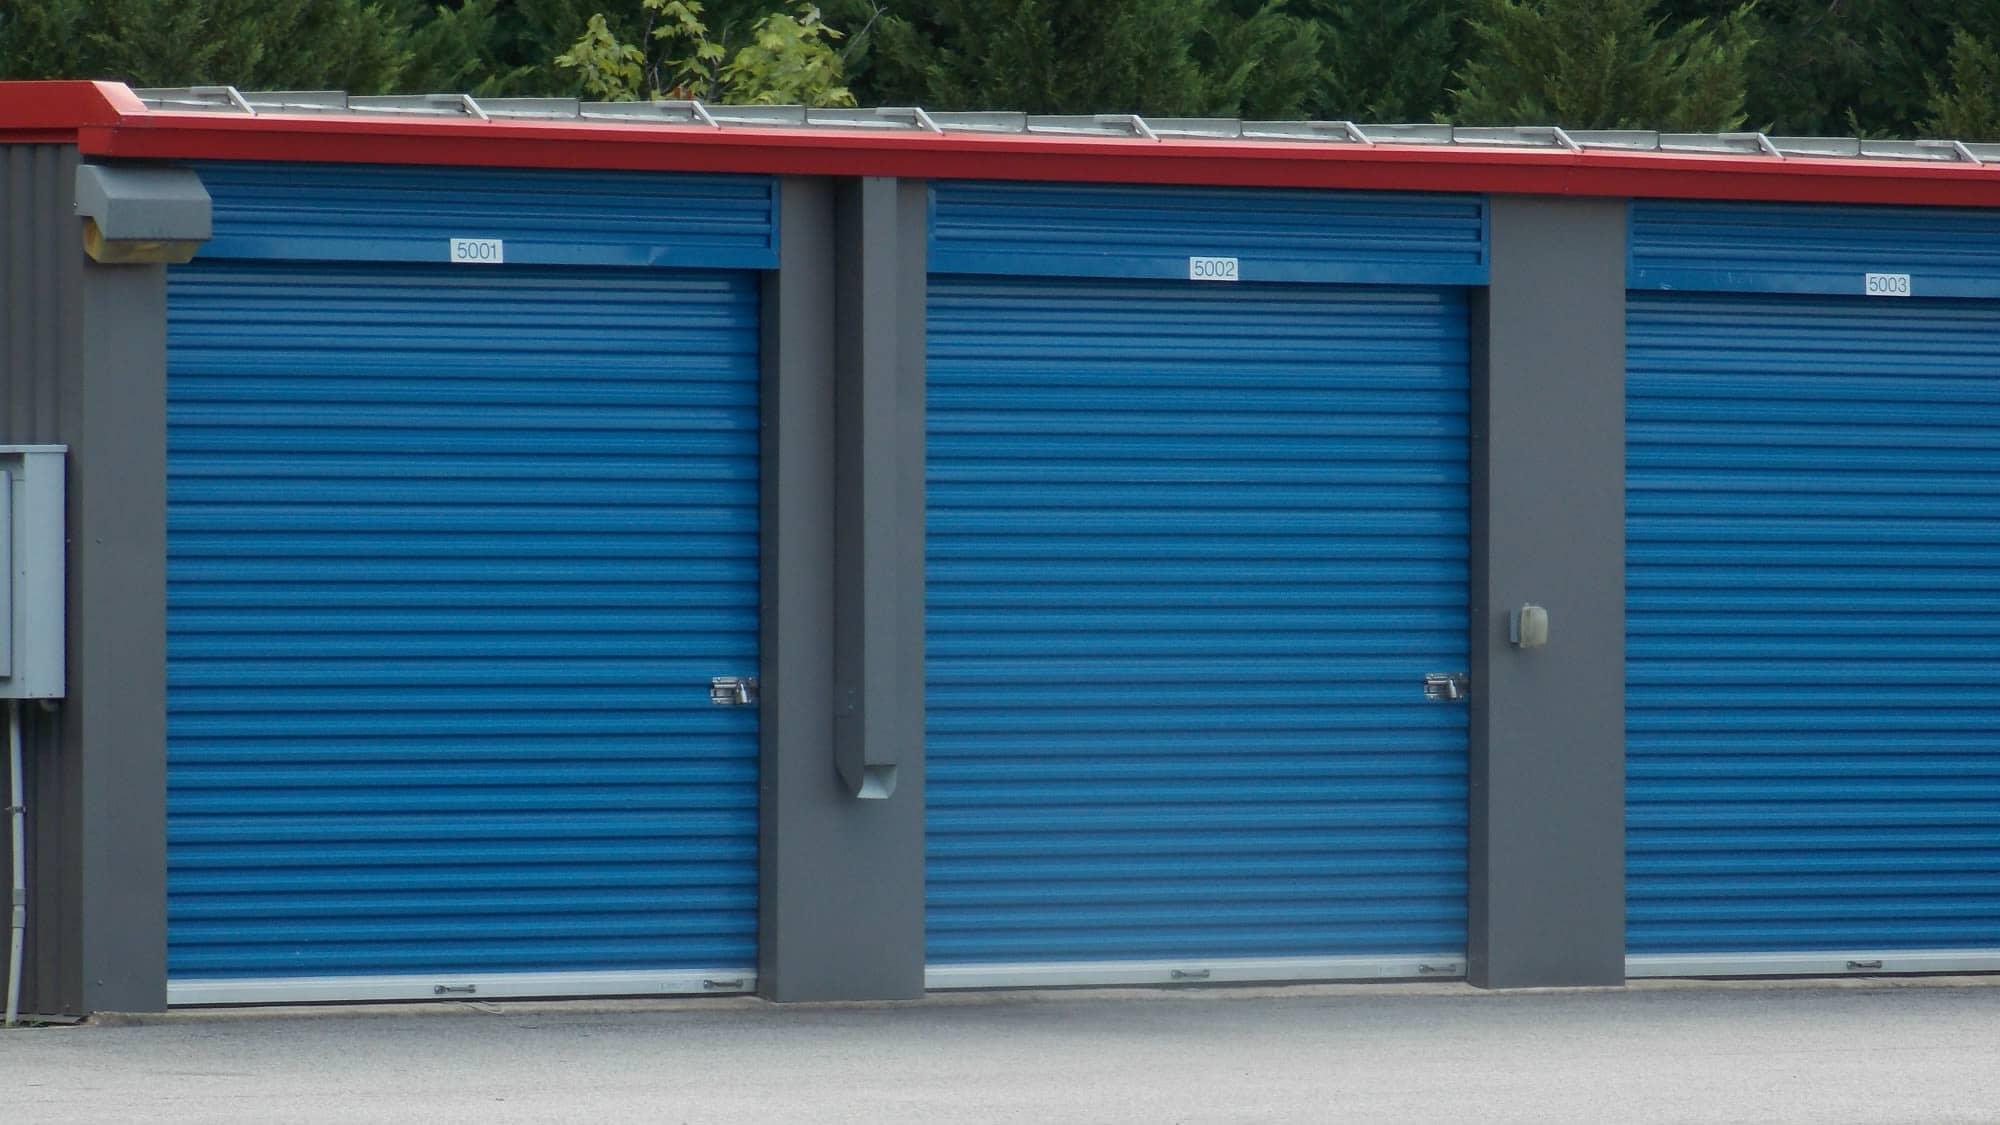 Ground-level units at Self Storage Plus in Woodbridge, VA